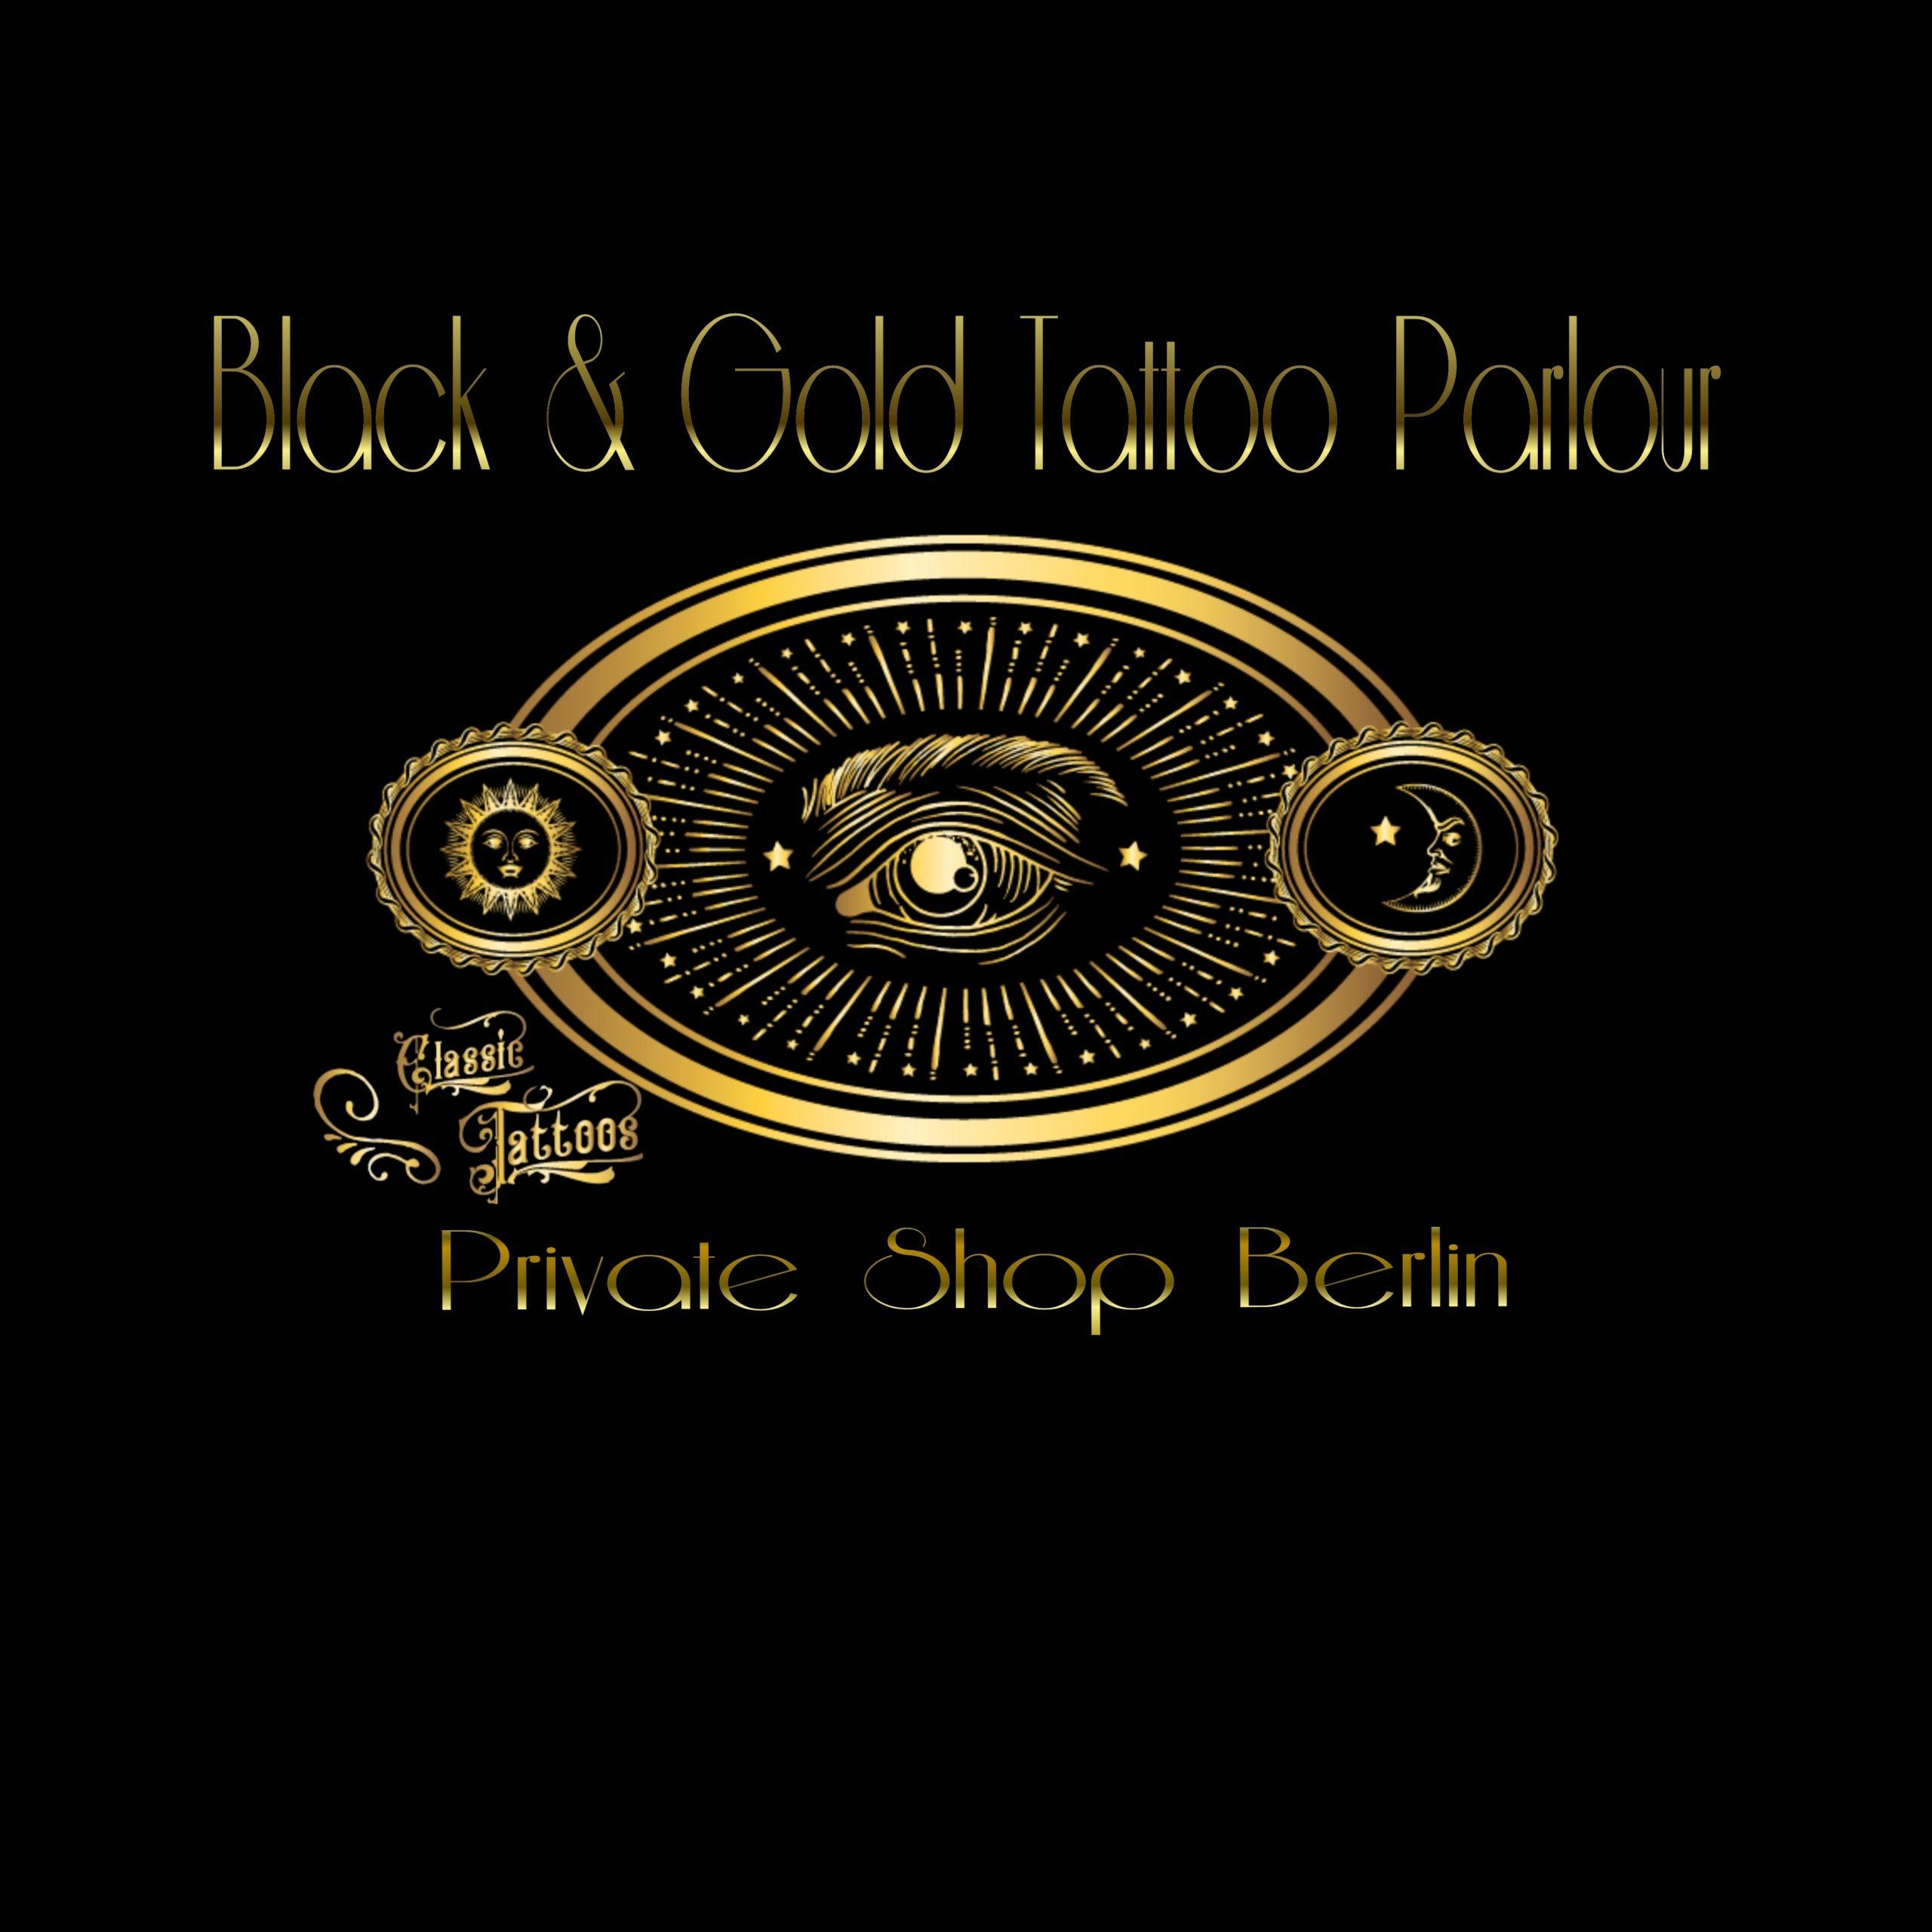 Black&Gold-Tattoo-Parour-Berlin_Logo_classic tattoos